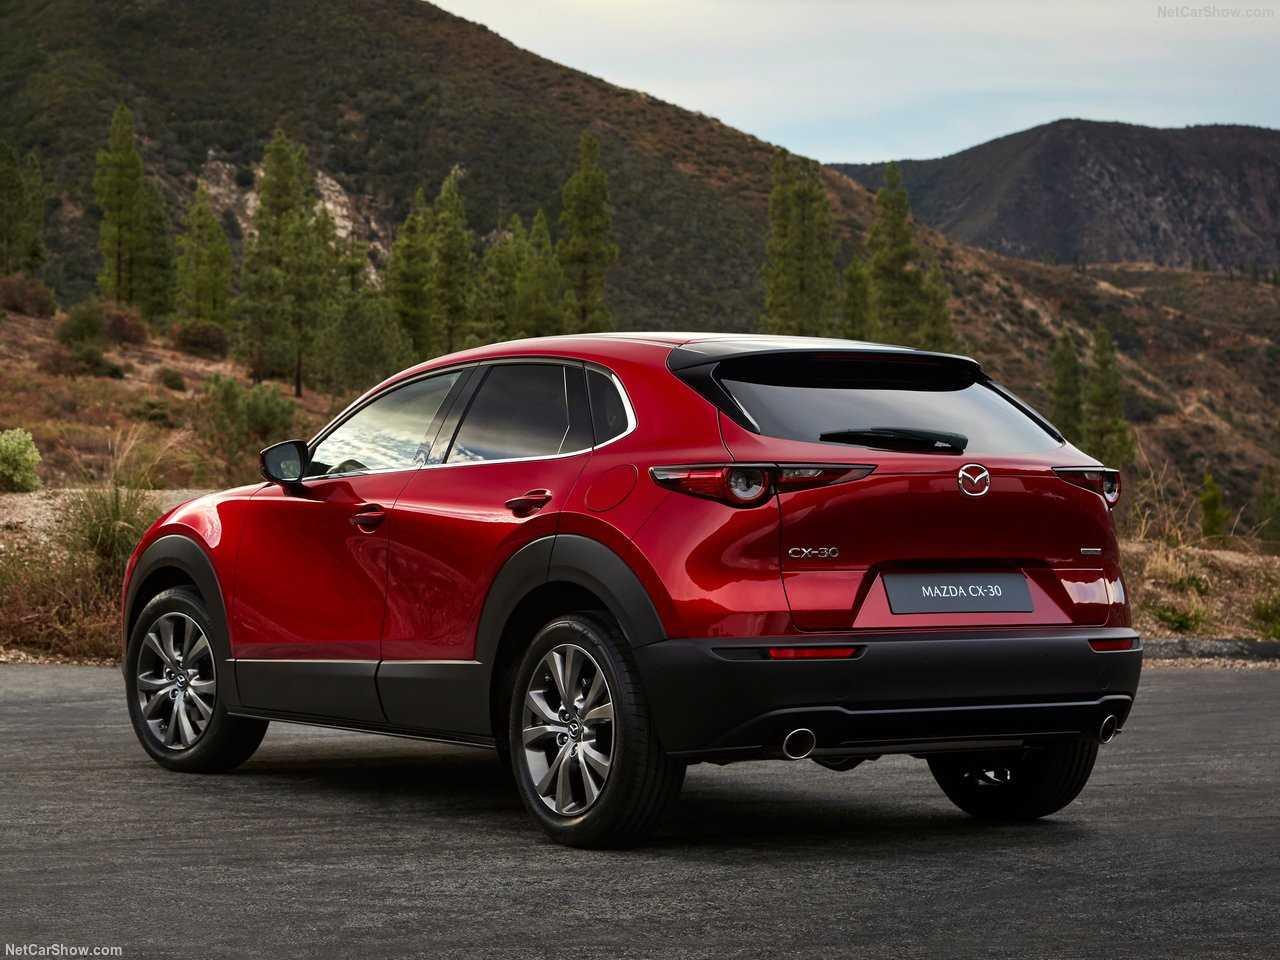 Kia Sportage Híbrido 48V vs Mazda CX-30 M Hybrid: el nuevo duelo SUV micro híbrido que viene